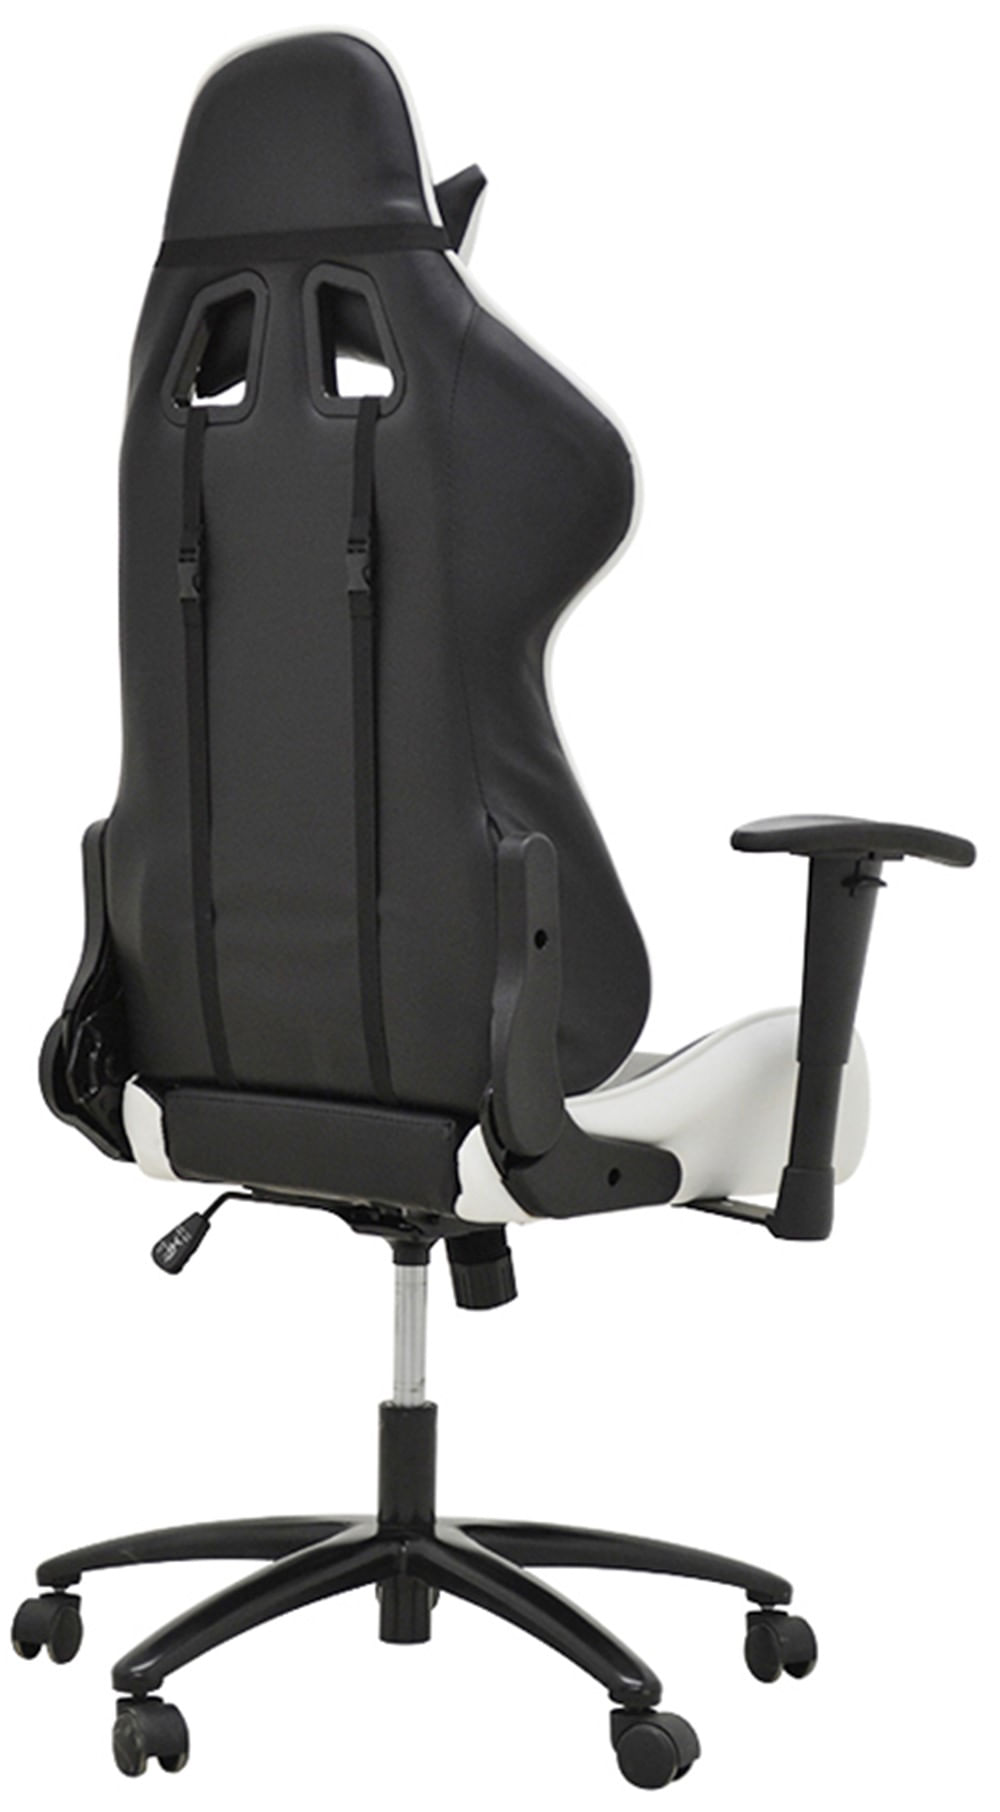 Cadeira Office Pro Gamer V2 em PU Preta e Branca - 27710